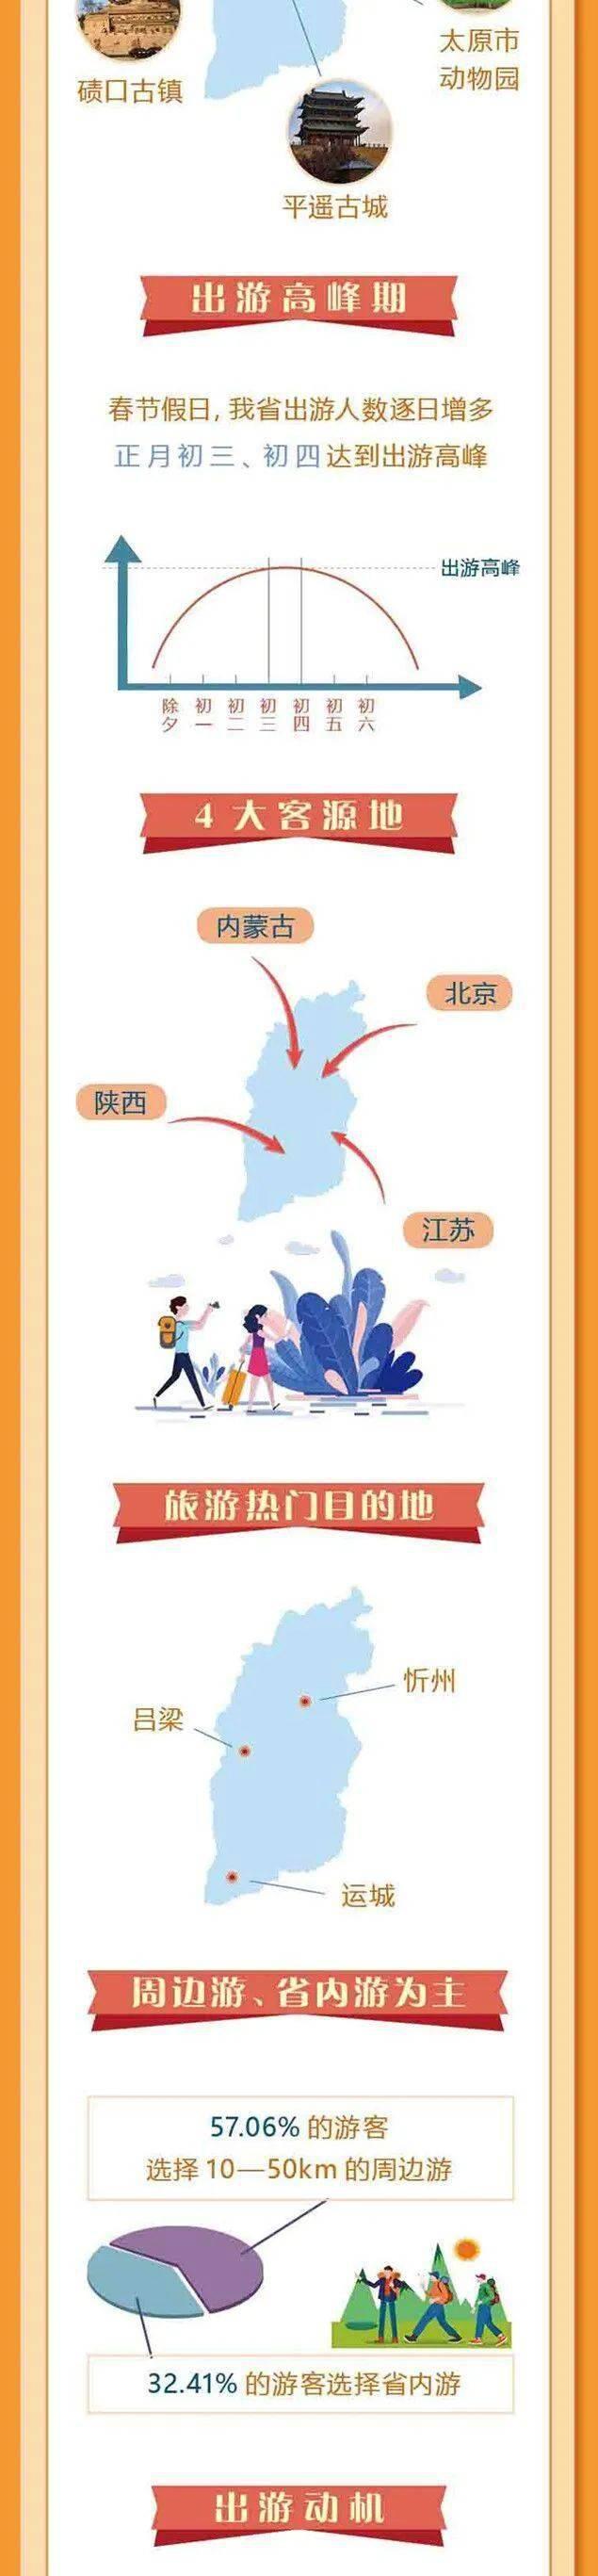 """图解丨112.14亿元!山西旅游""""亮""""出春节成绩单  第2张"""